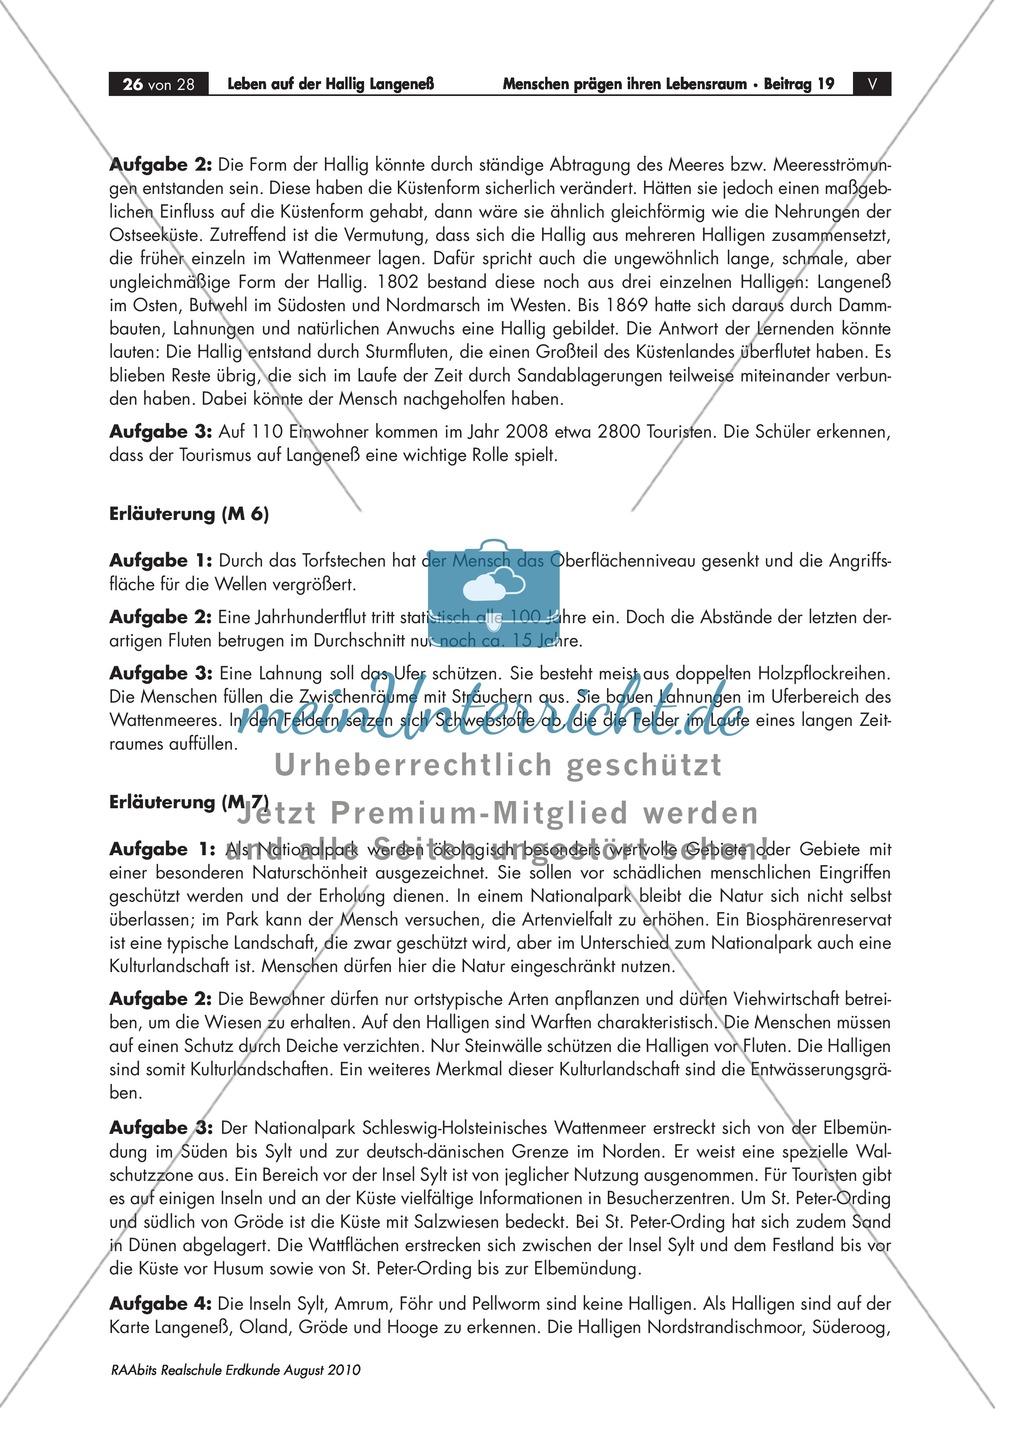 Die Hallig Langeneß: Orientierung und Anreise + allgemeine Merkmale von Halligen Preview 9